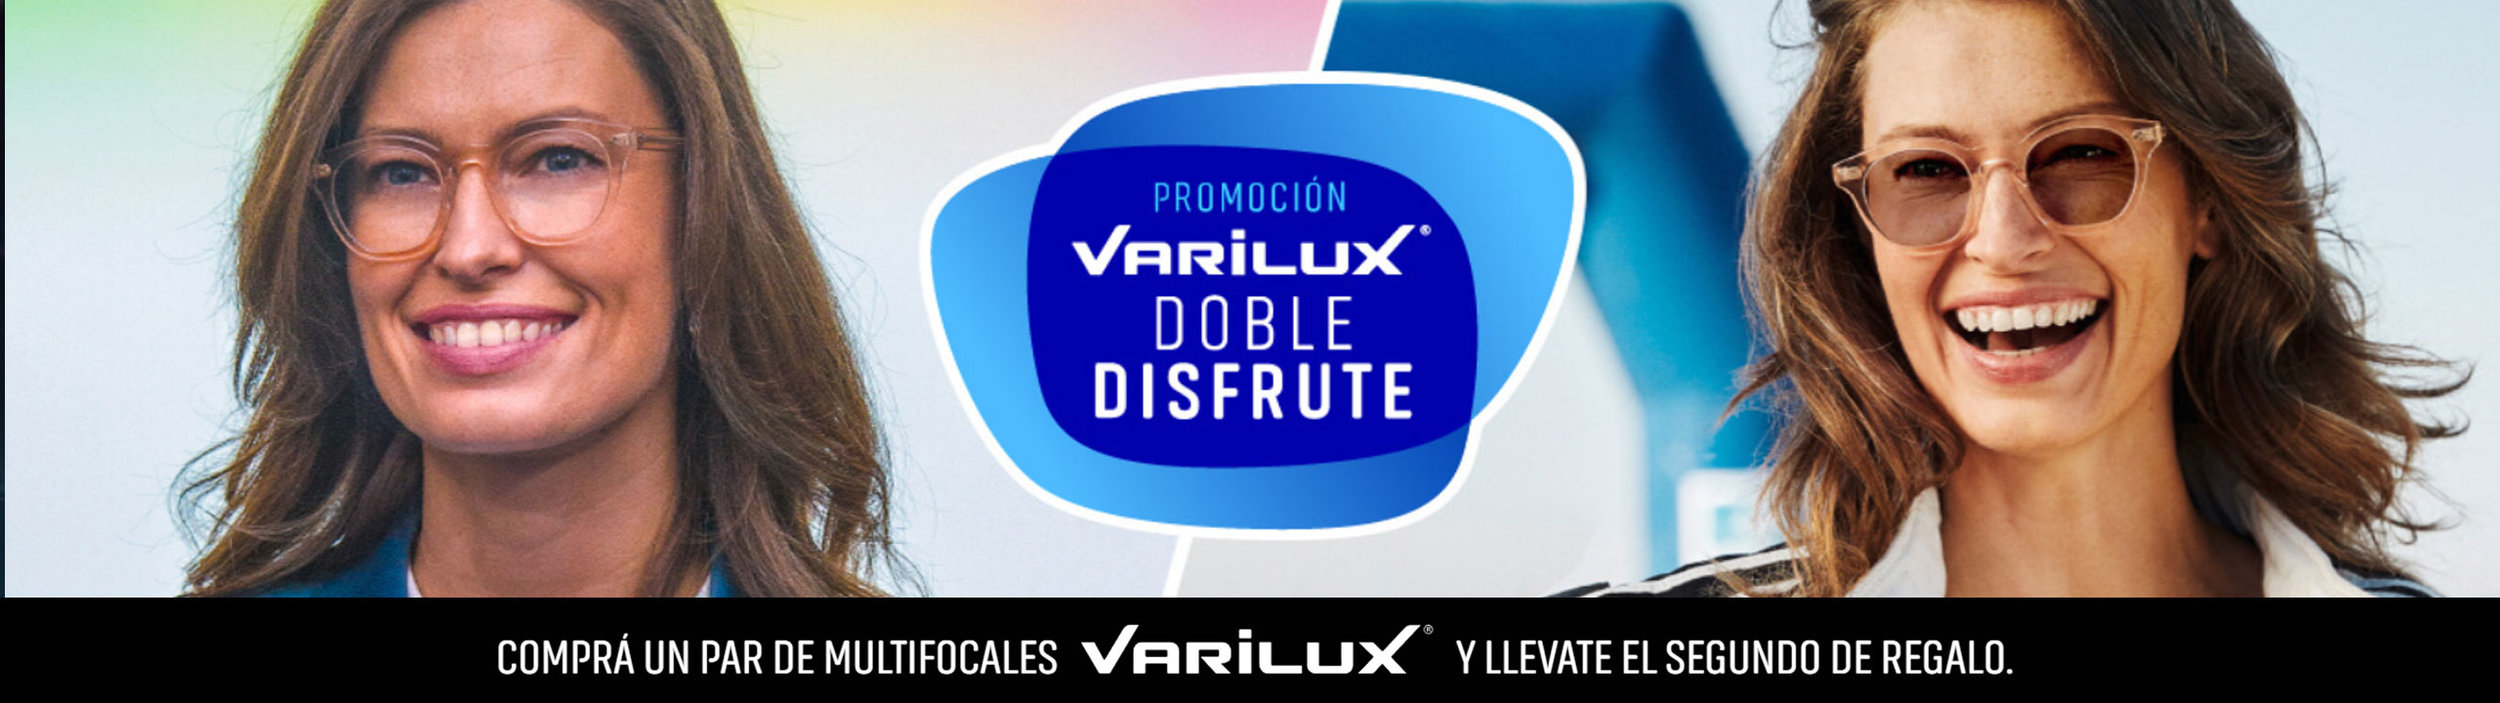 Banner-Varilux-02.jpg